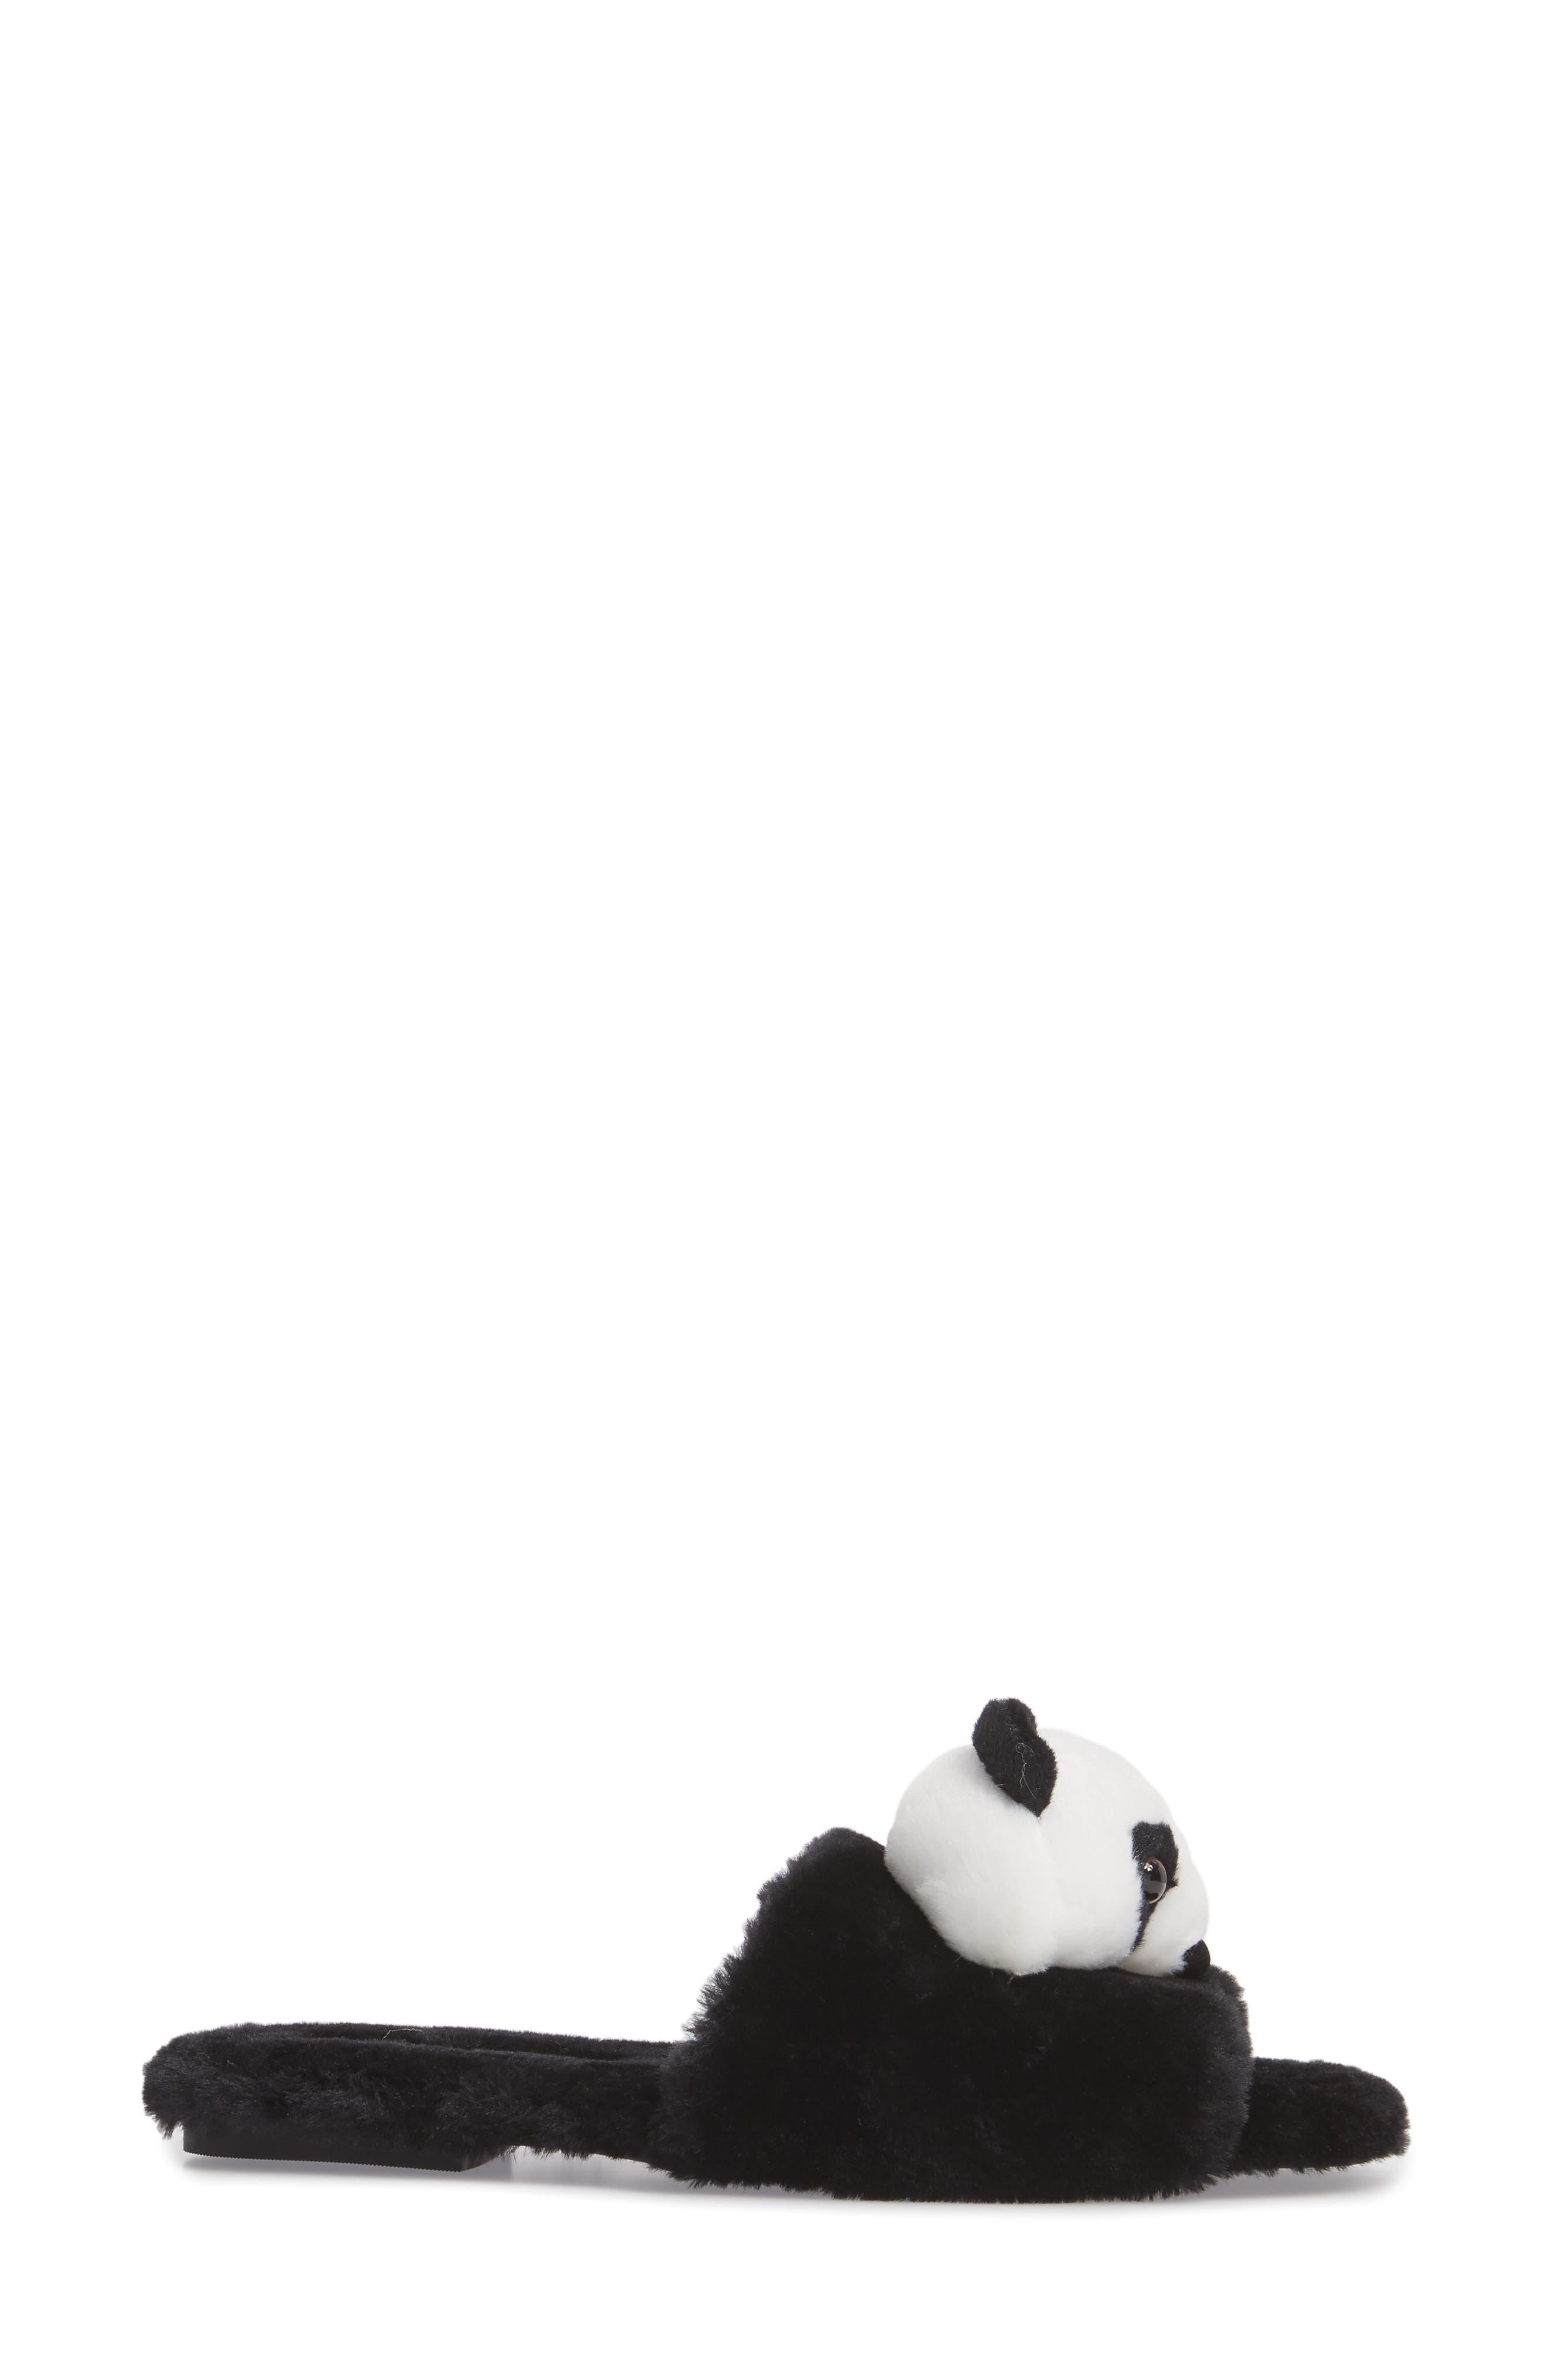 Plush Animal Slipper,                             Alternate thumbnail 3, color,                             Black Faux Fur